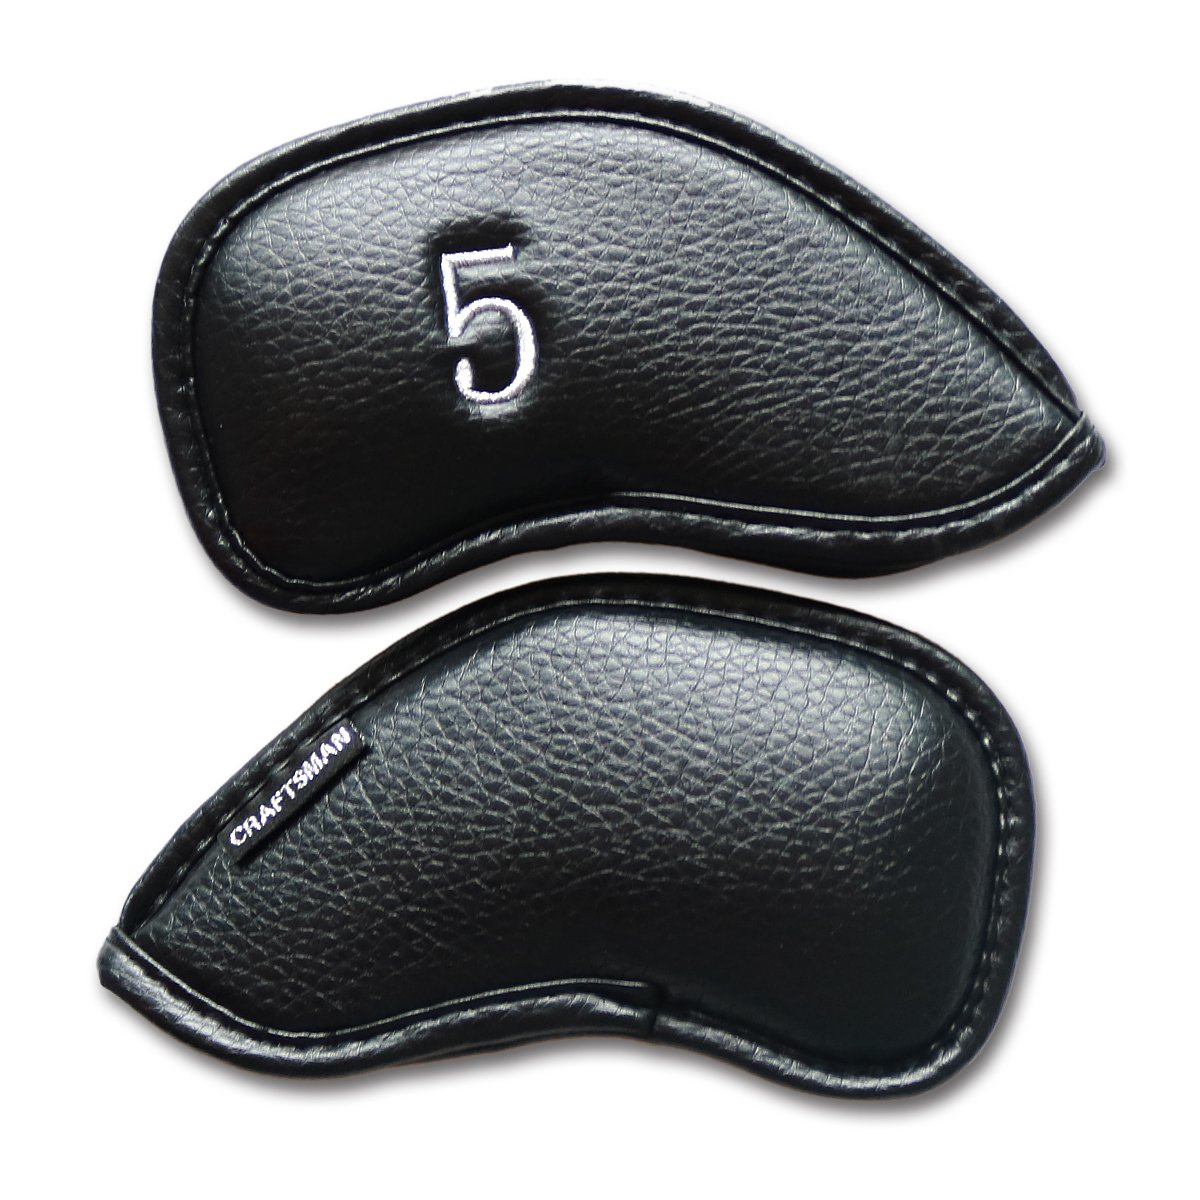 Craftsman Golf 1個# 3 # 4 # 5 # 6 # 7 # 8 # 9 AW SW PW LWアイアンヘッドカバー3ヘッドカバー  #5 B072NZDRT8